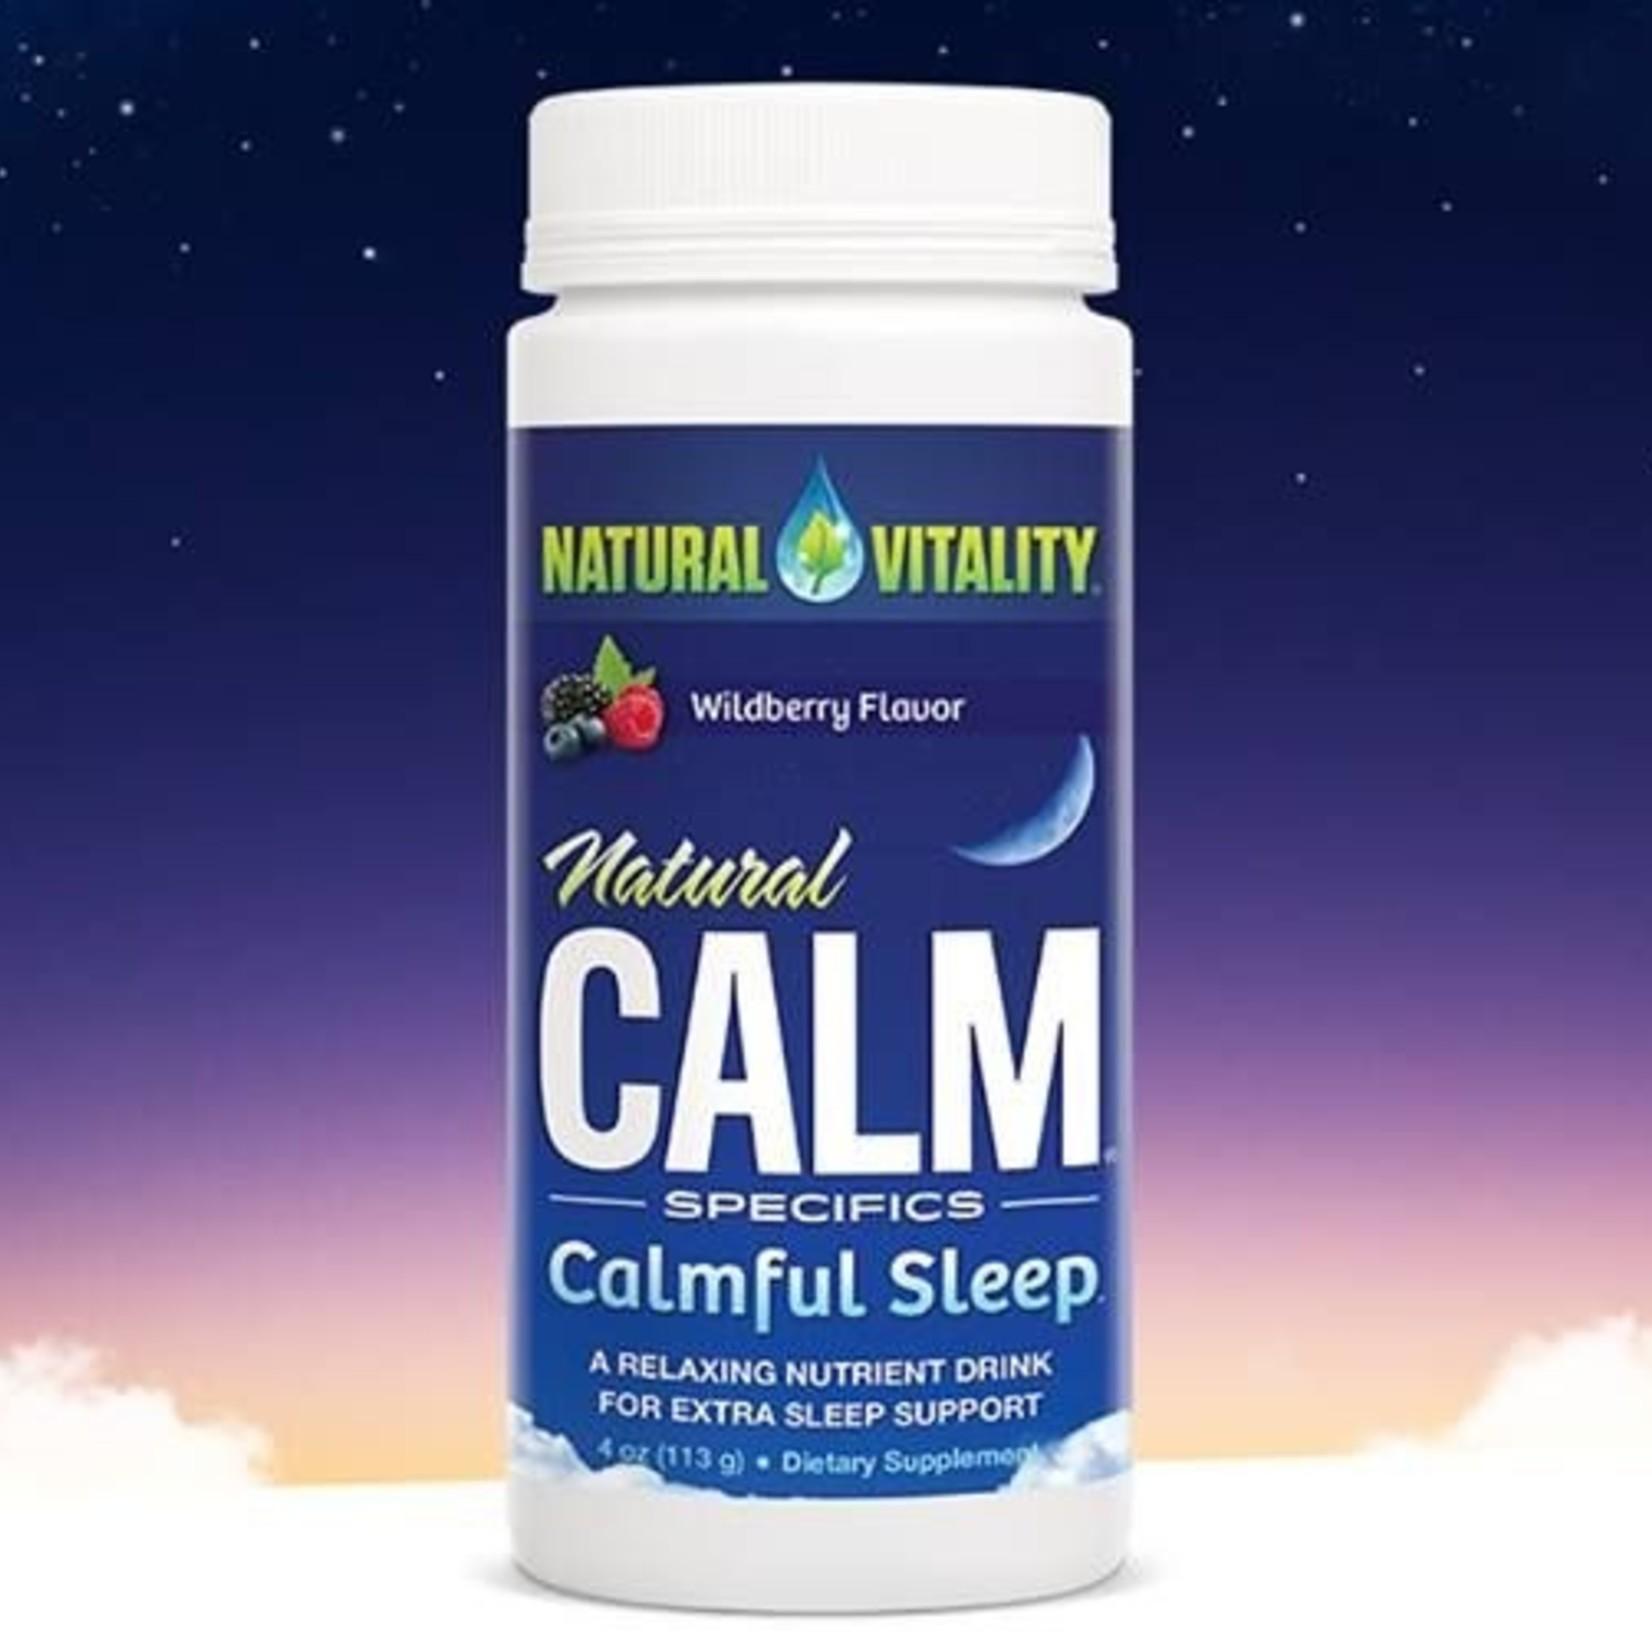 Natural Calm Natural Calm Calmful Sleep Wild Berry 113g